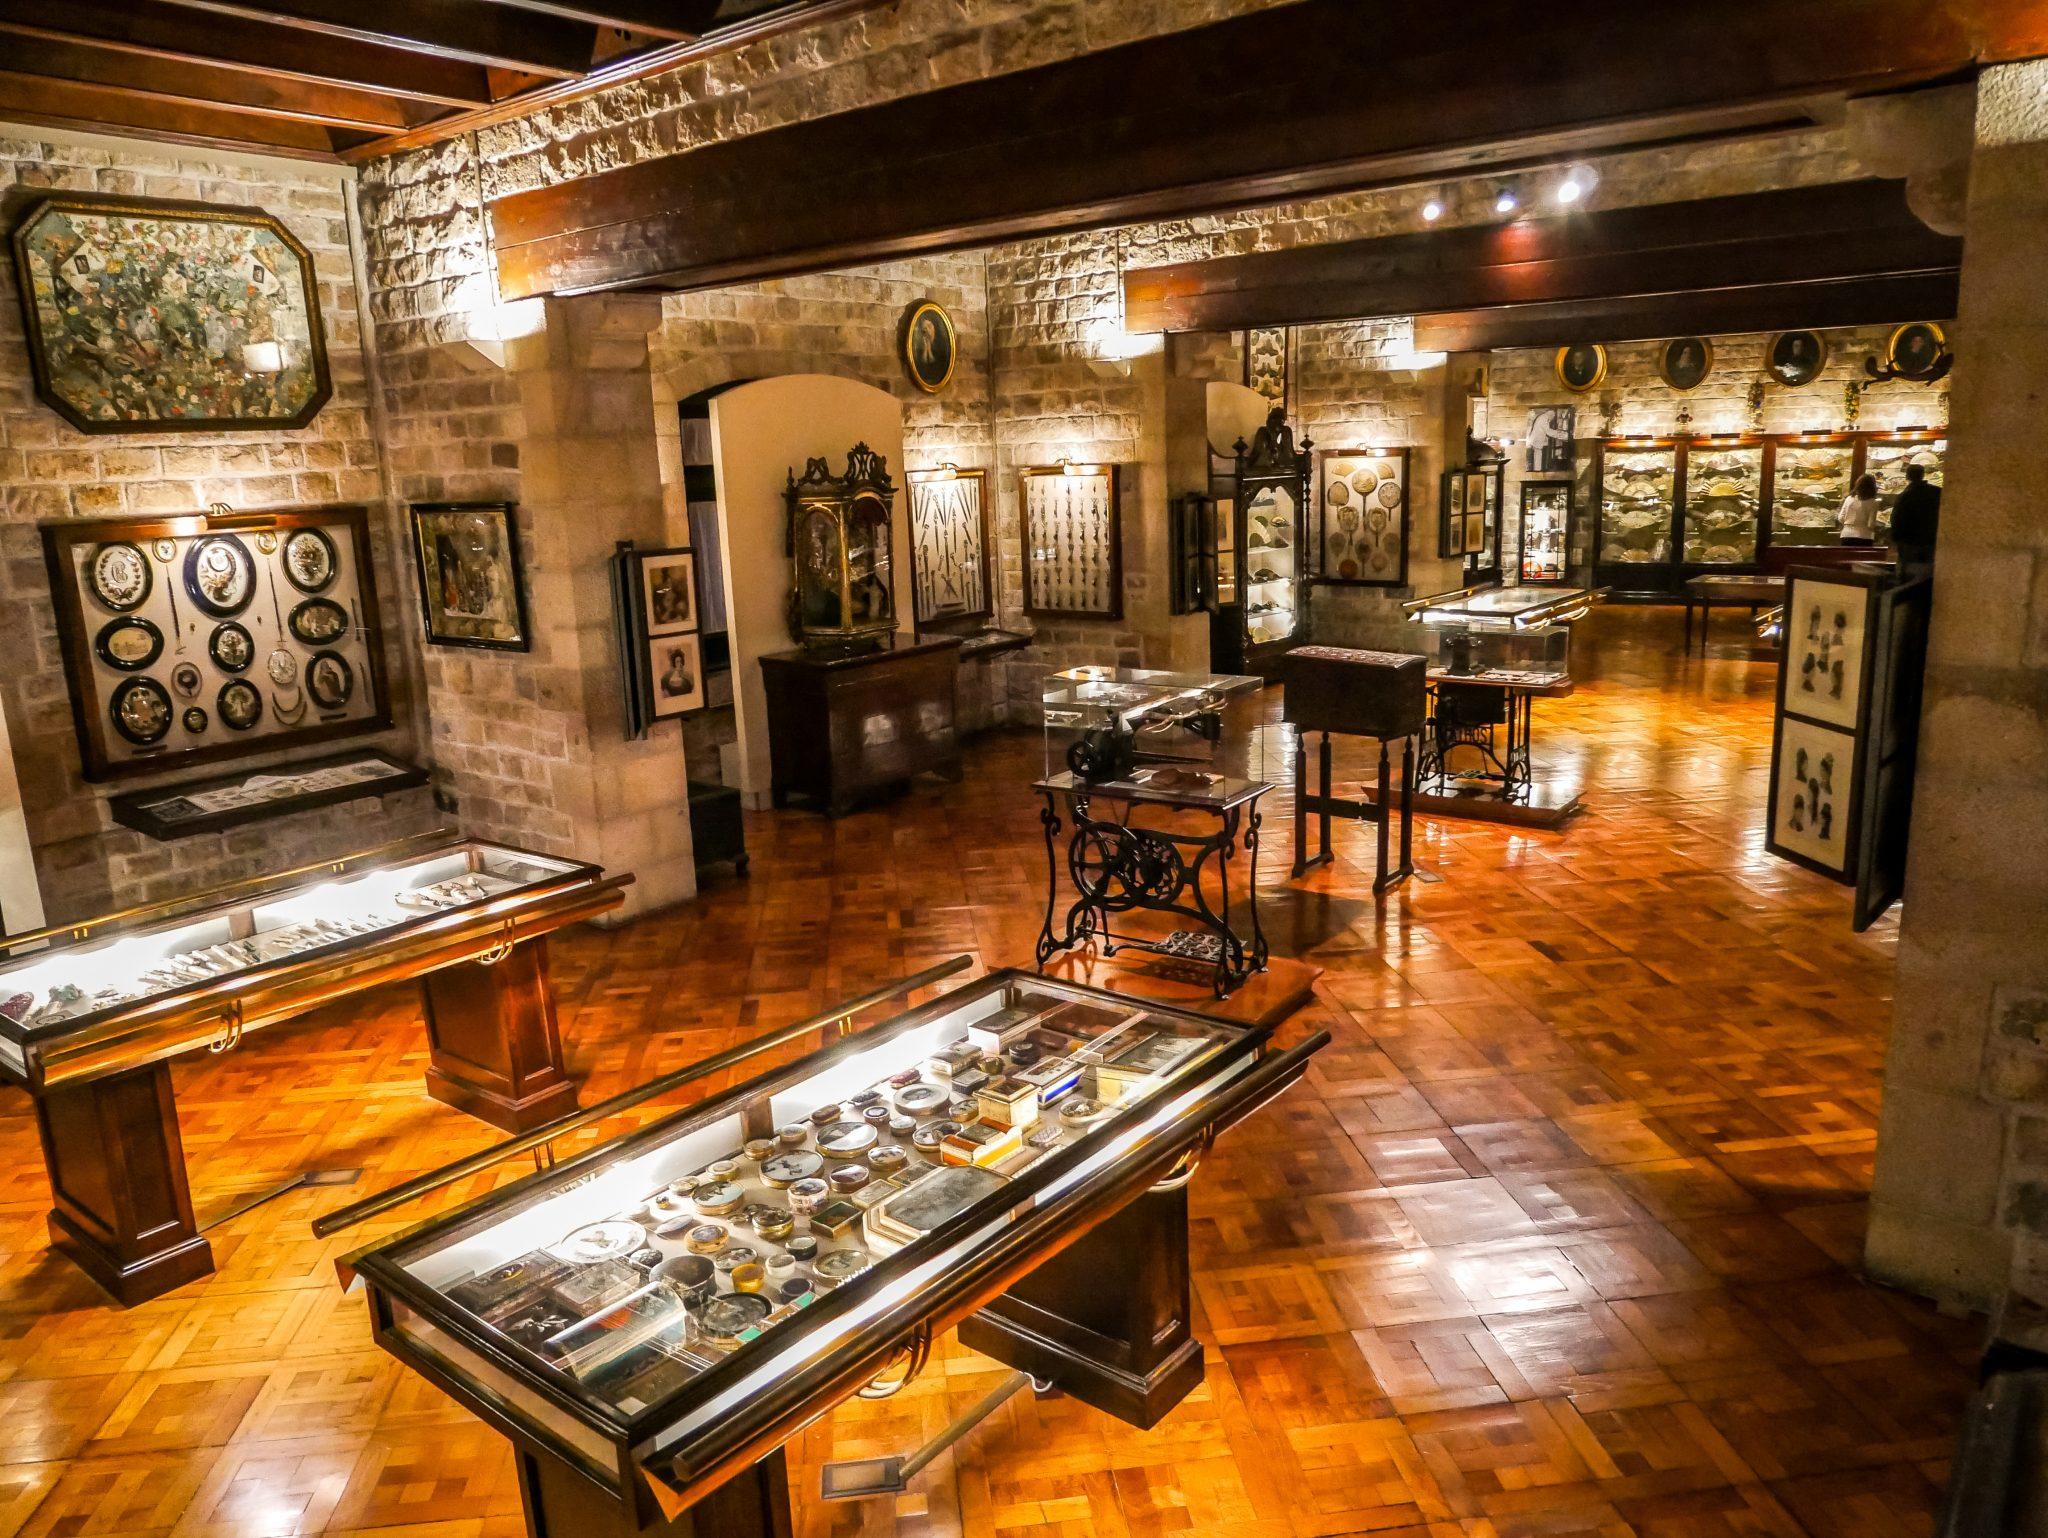 Was mich ein wenig gestört hat im Museu Frederic Marès (MFM) war, dass es sehr verwinkelt ist und man sehr leicht den Überblick verliert.